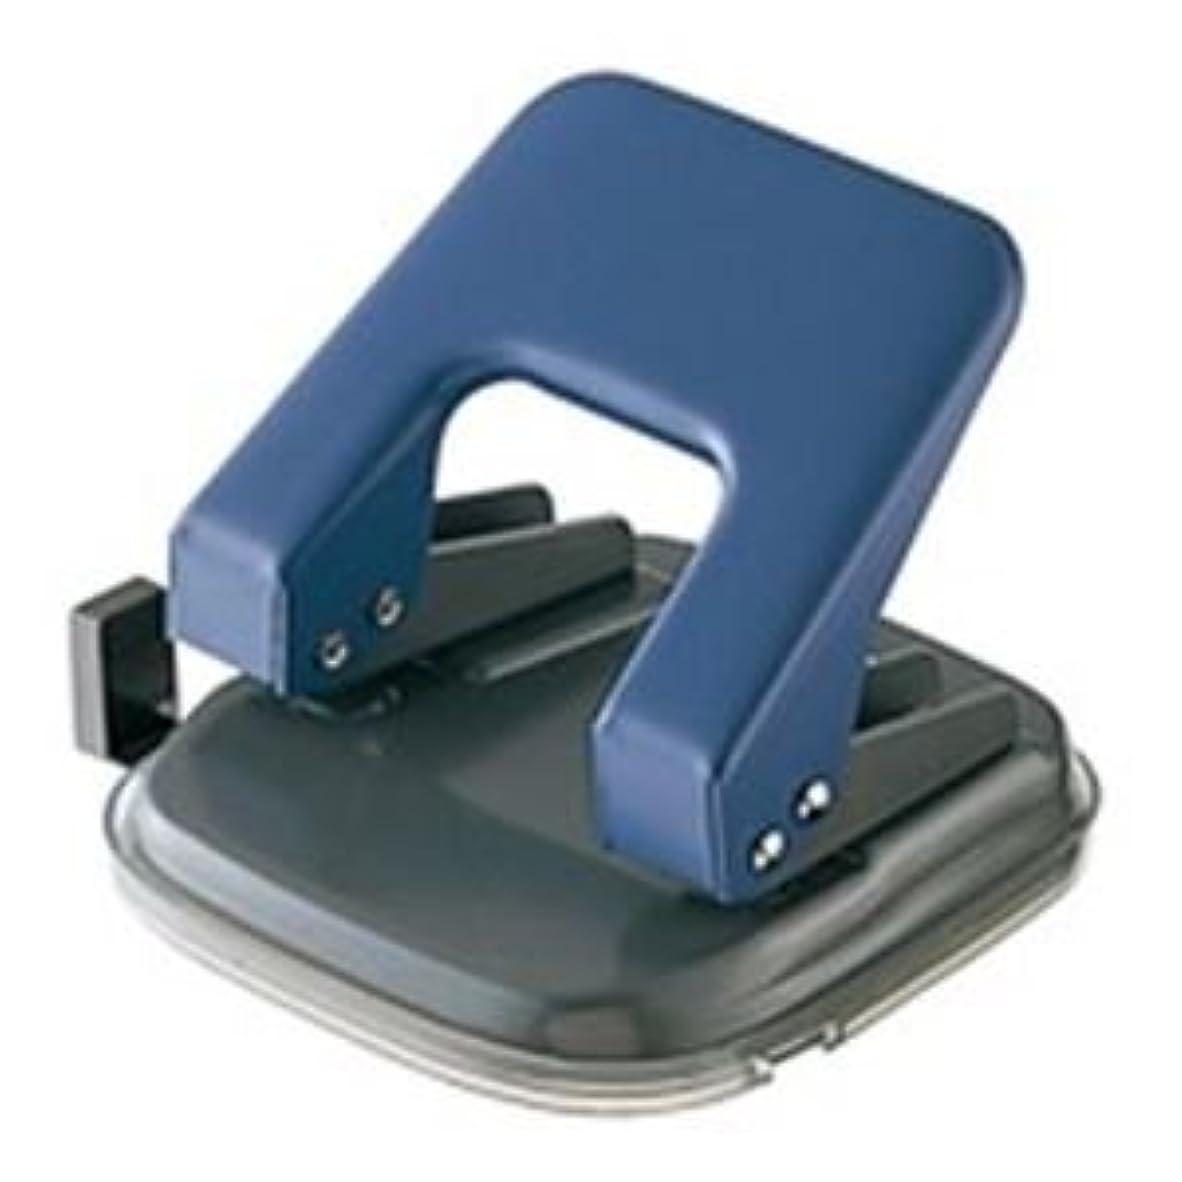 磁気ソーダ水海峡( お徳用 50セット ) プラス ペーパーパンチ NO.91 ブルー